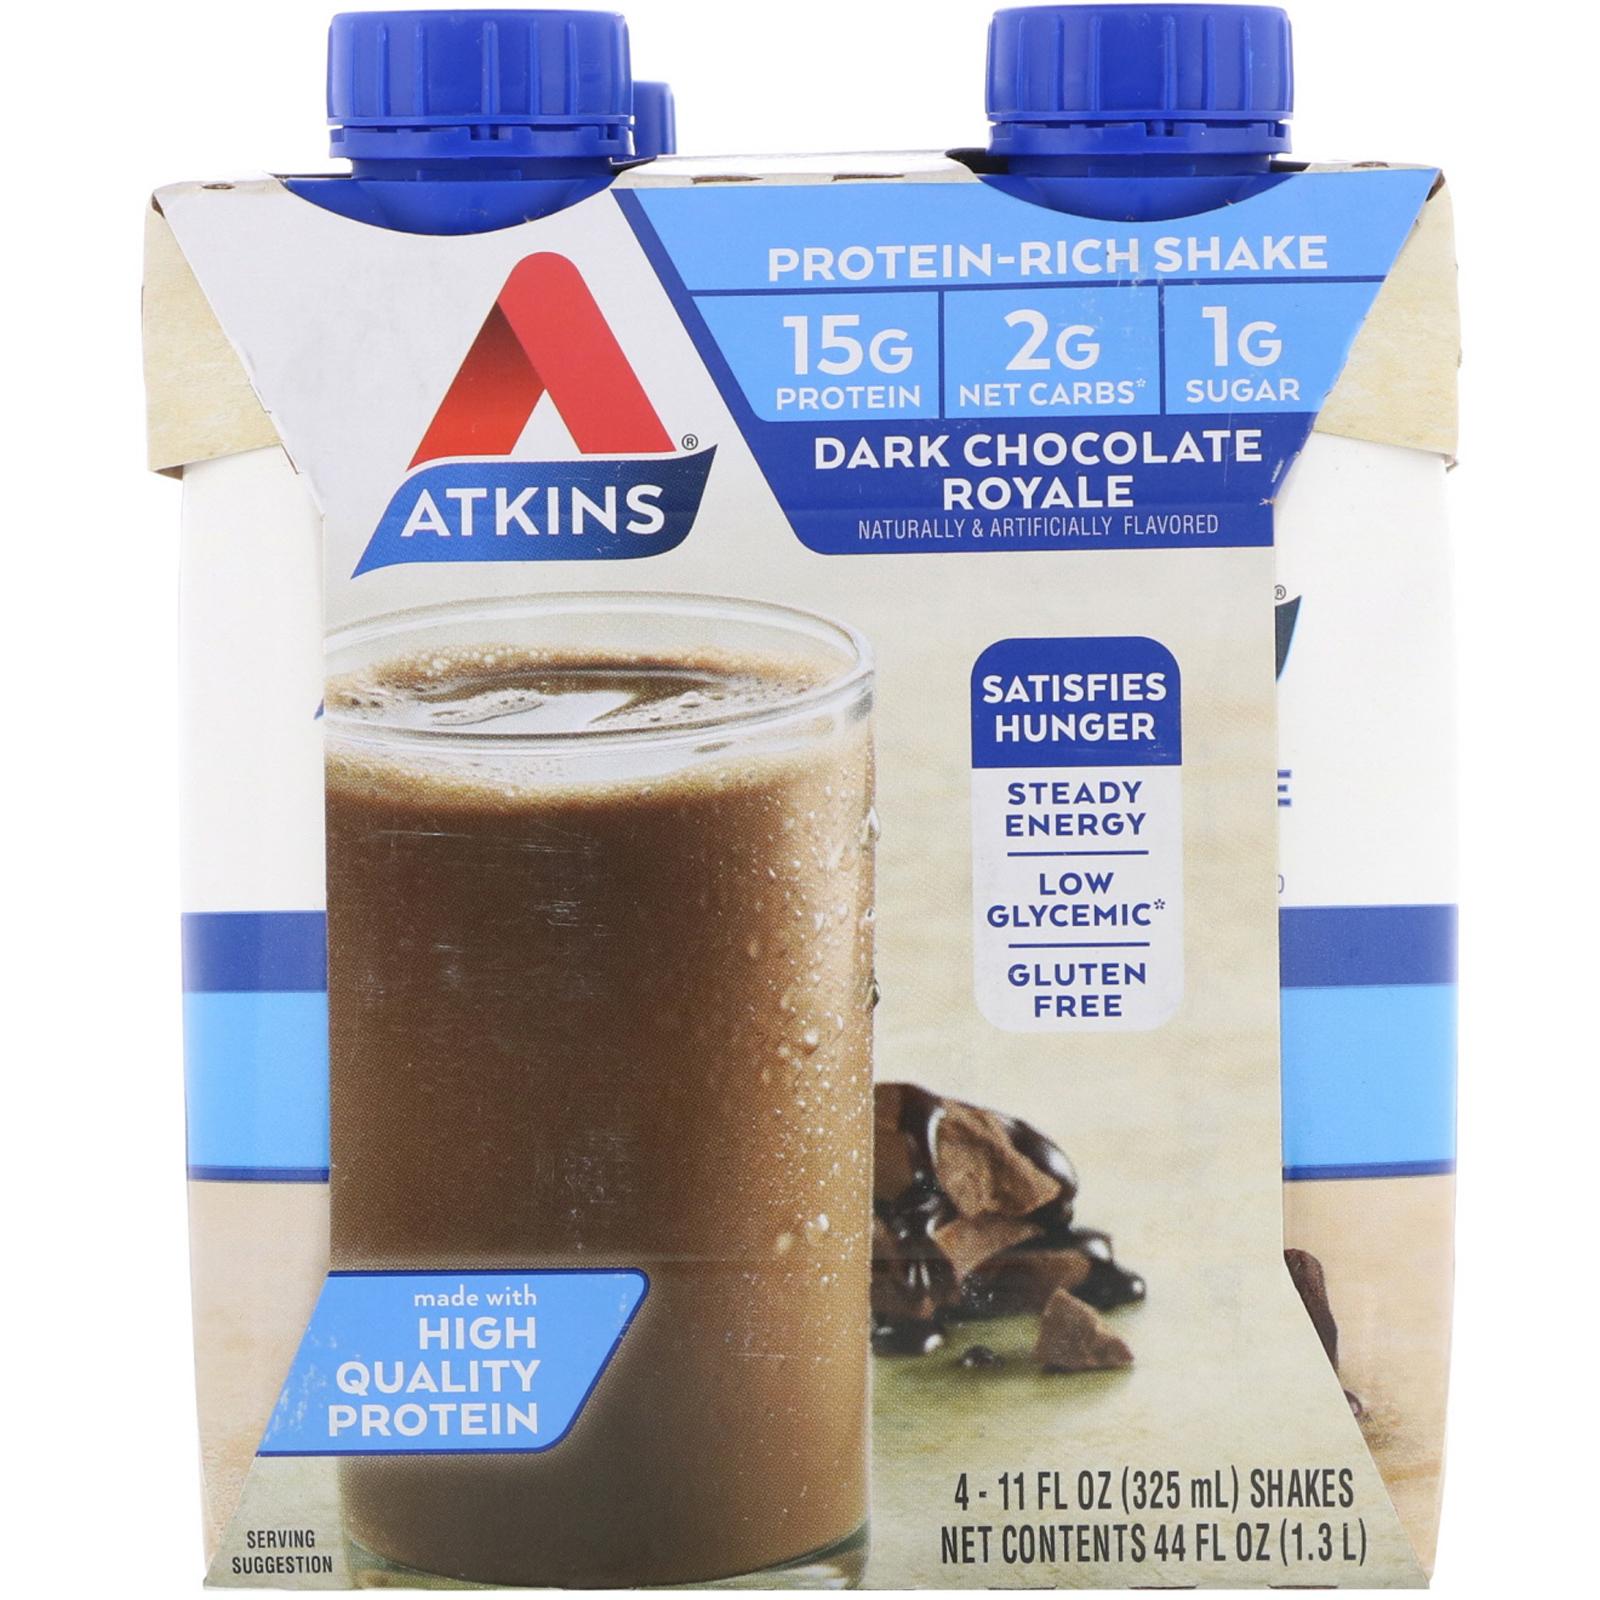 Atkins.com Coupons & Discount Codes